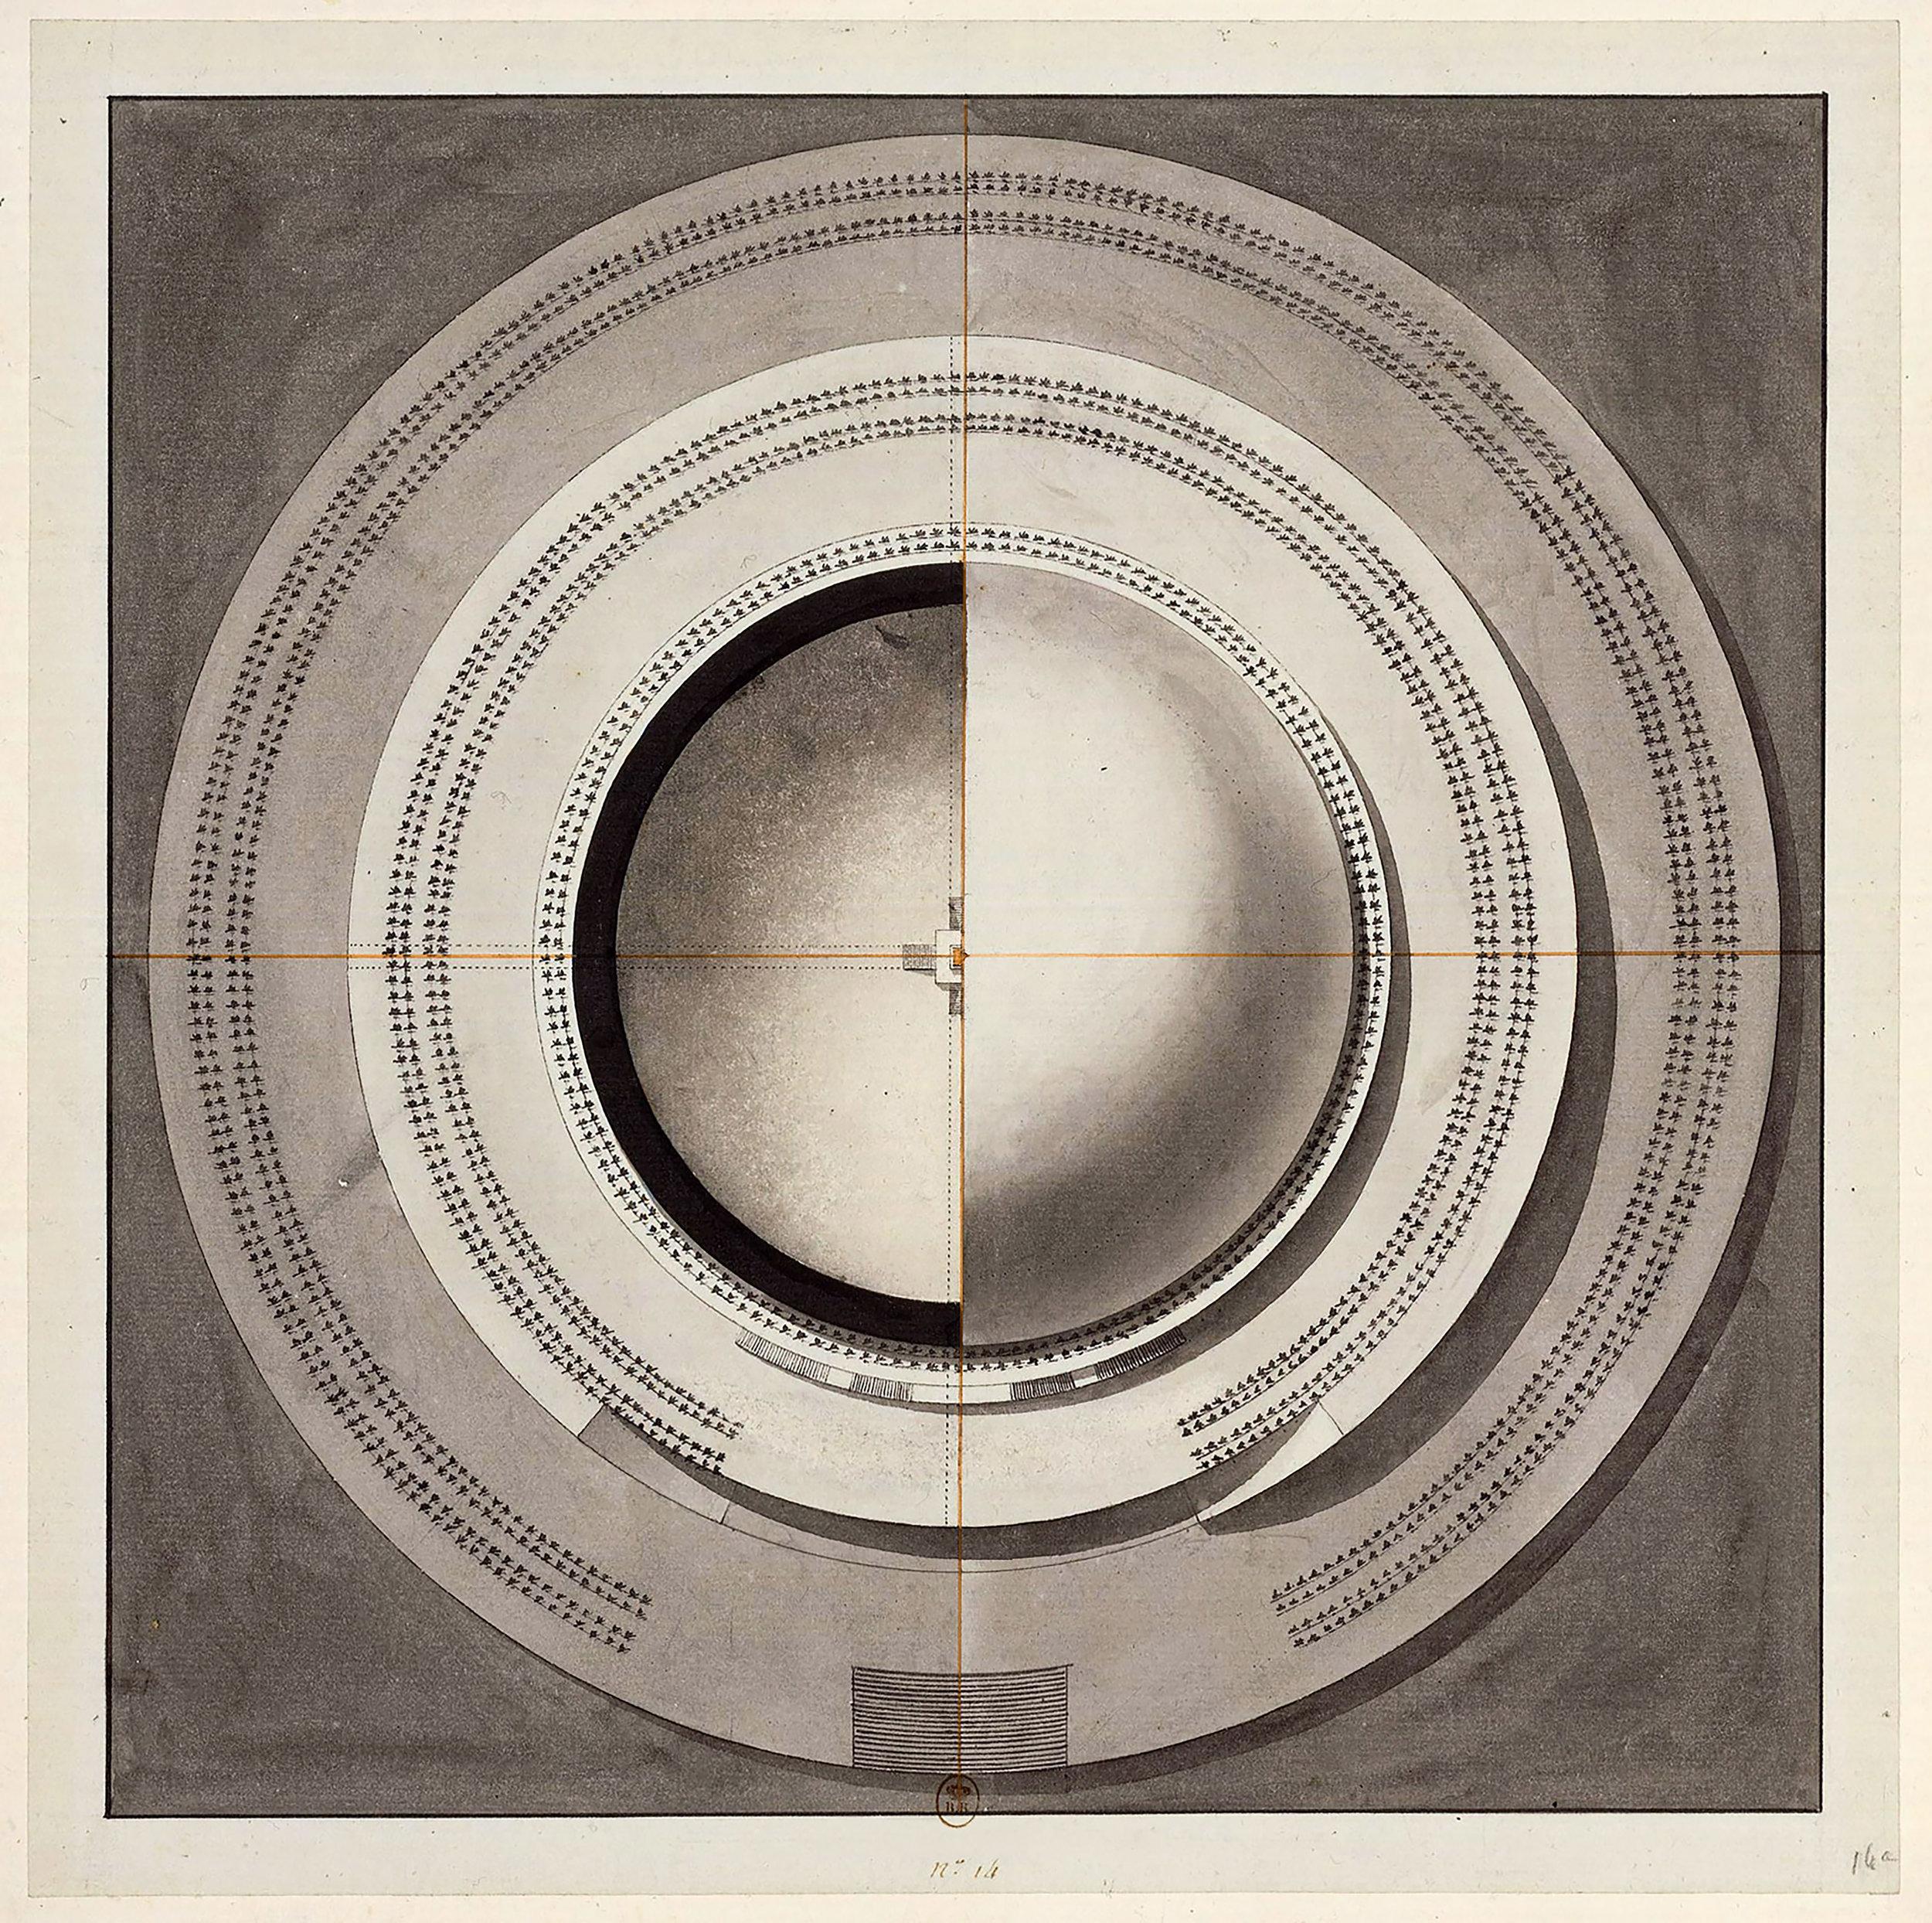 PRINCIPIA - Album